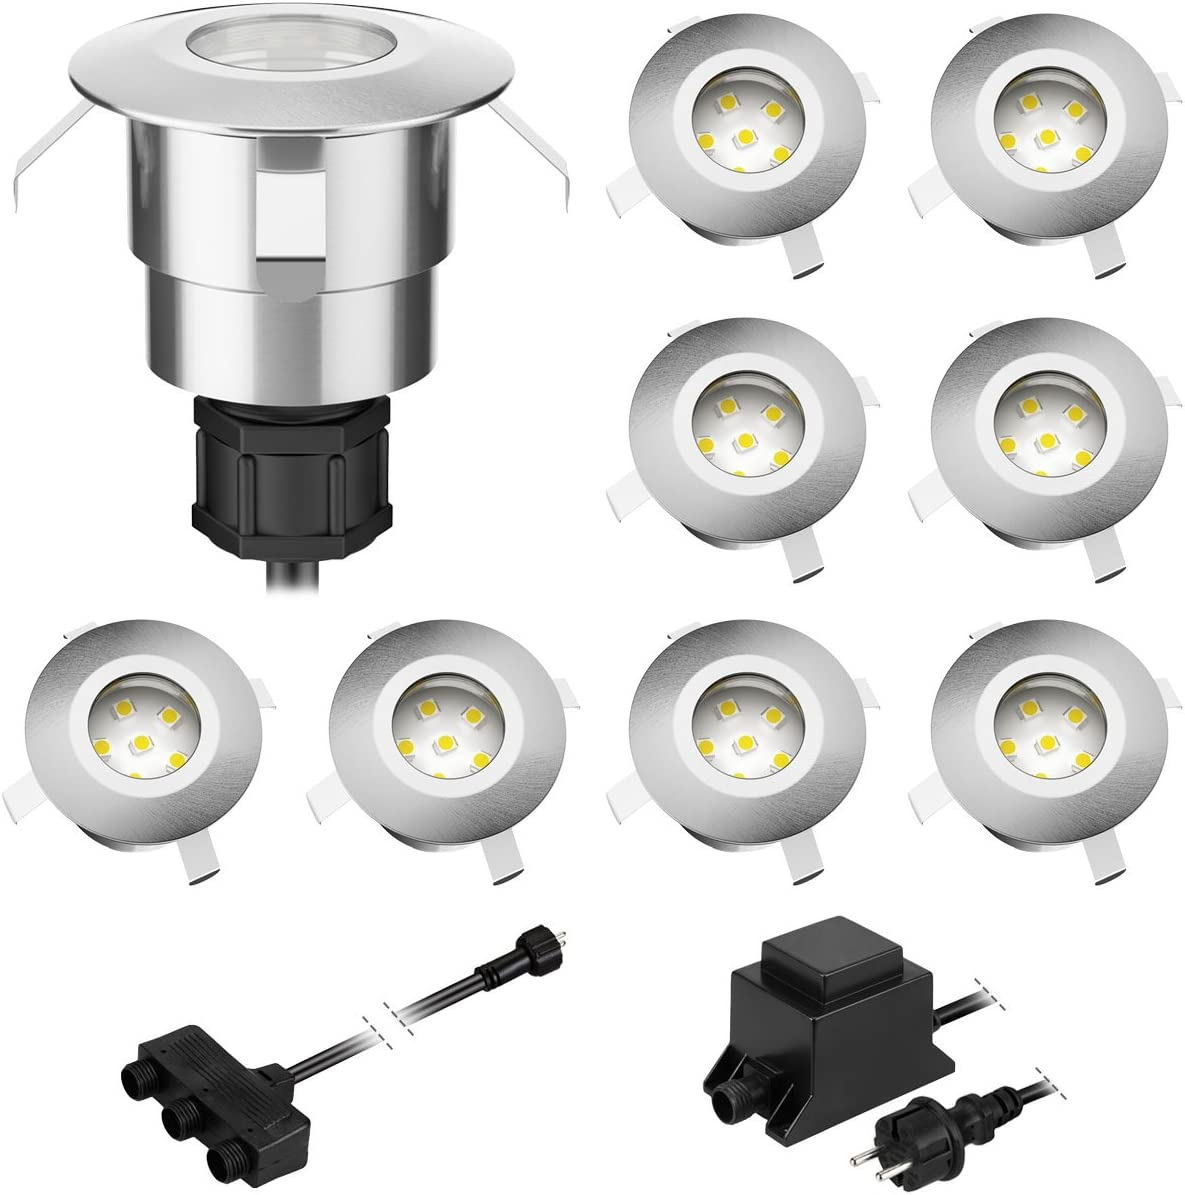 Parlat LED empotrada en el suelo Atria para exteriores de aluminio blanco cálido, 14lm cada una, IP65, 40mm Ø Juego de 9